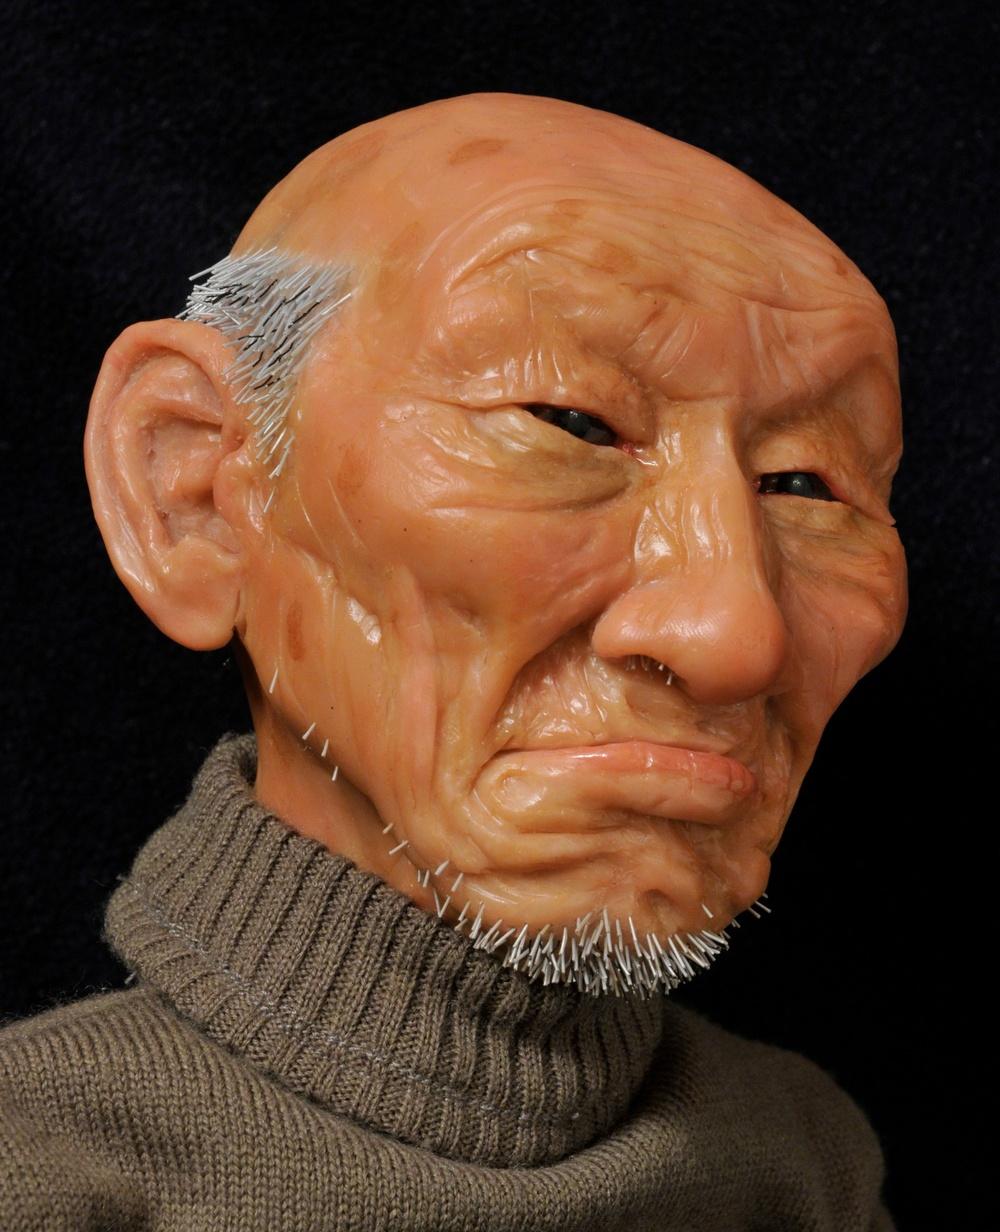 Image 7 Yoshi Face - Version 2.jpg